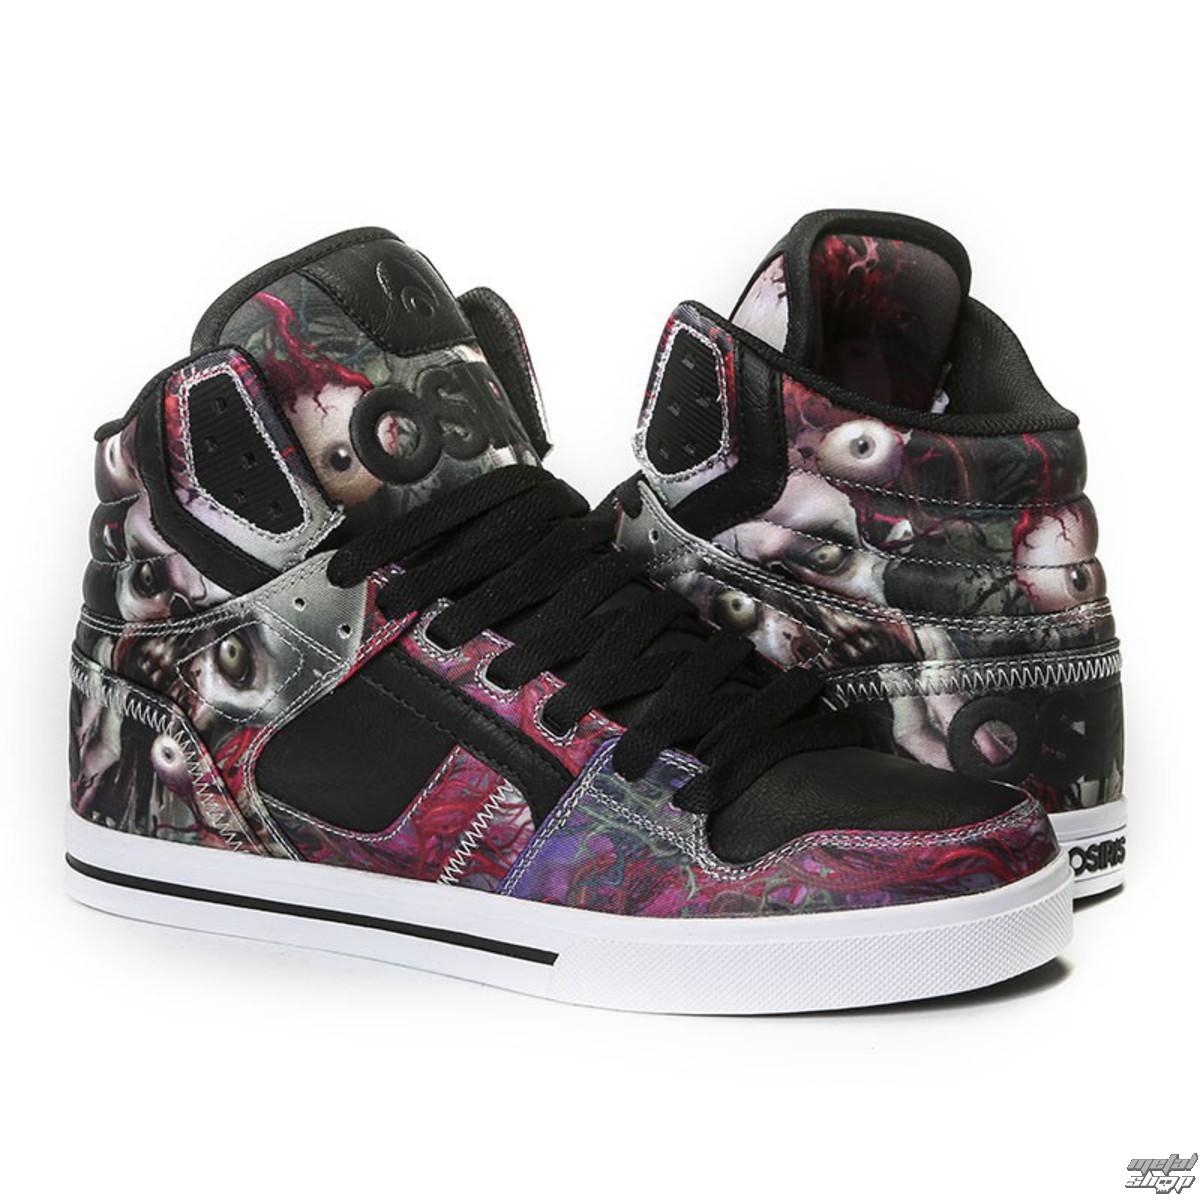 chaussures de de chaussures tennis montantes pour femmes unisexe OSIRIS 1322 6266a3